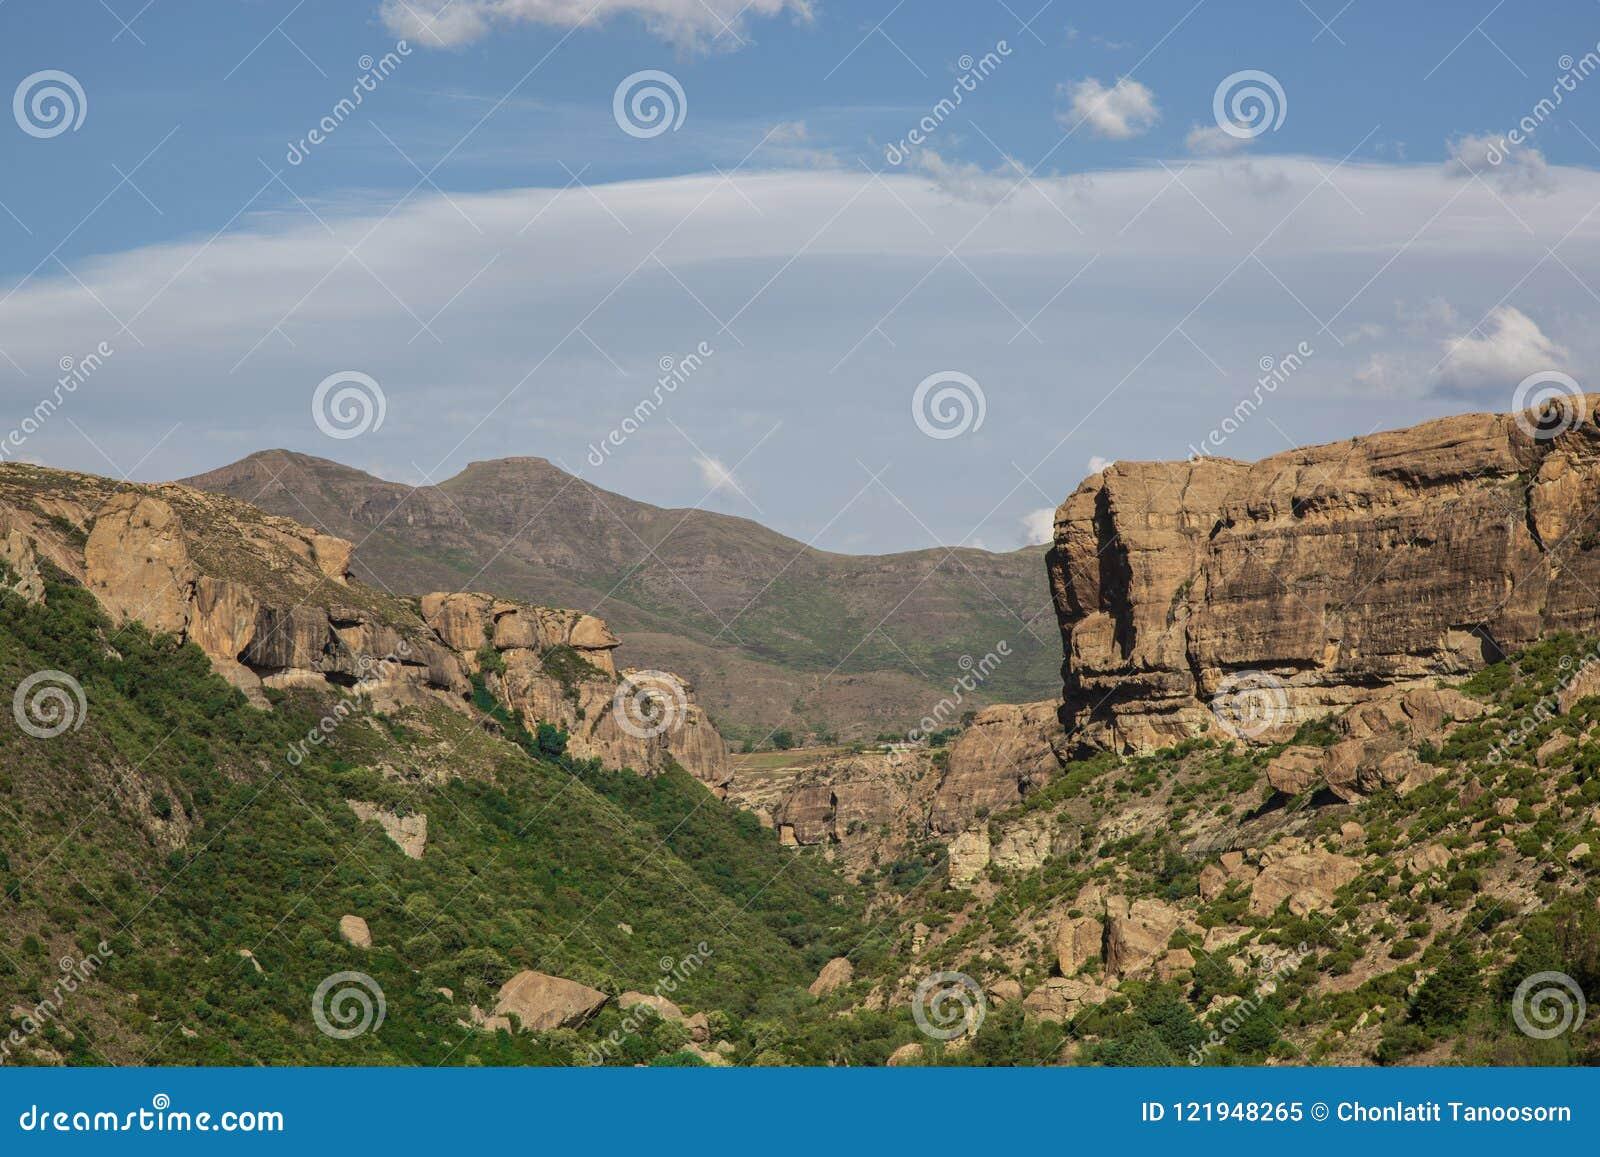 Paysage de canyon et de montagnes au pays du Lesotho en Afrique